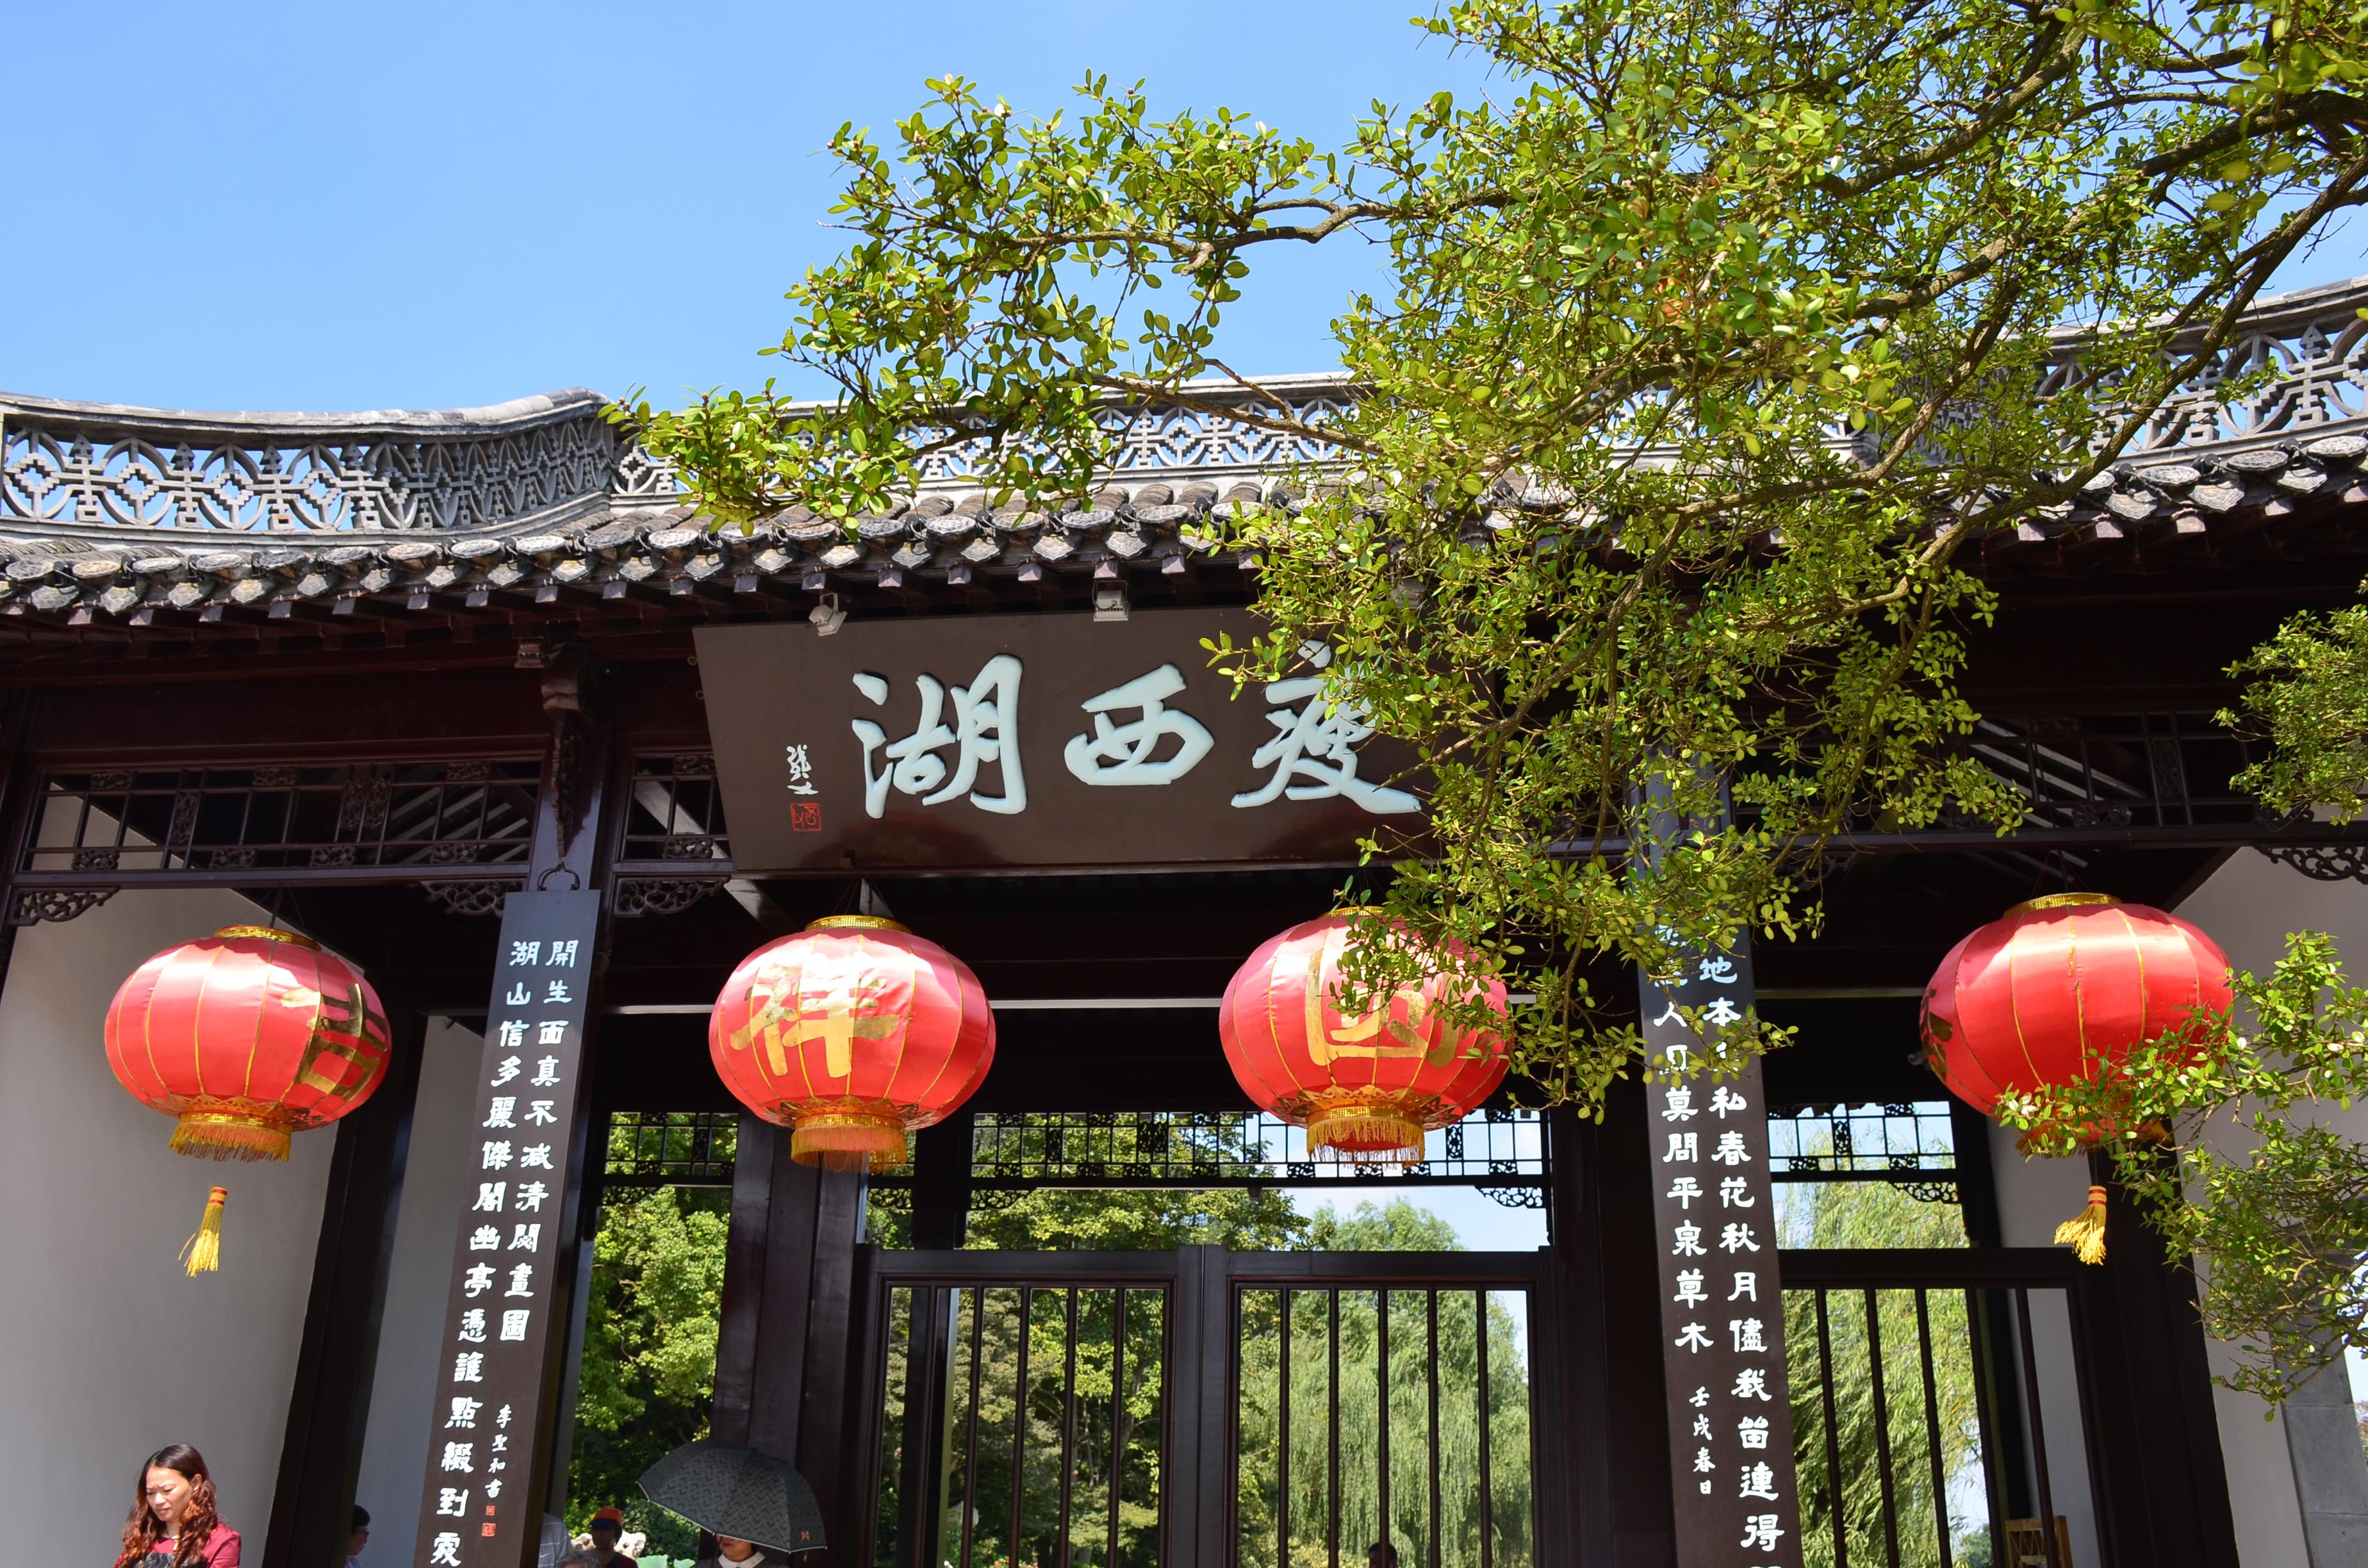 【携程攻略】江苏瘦西湖适合朋友出游旅游吗